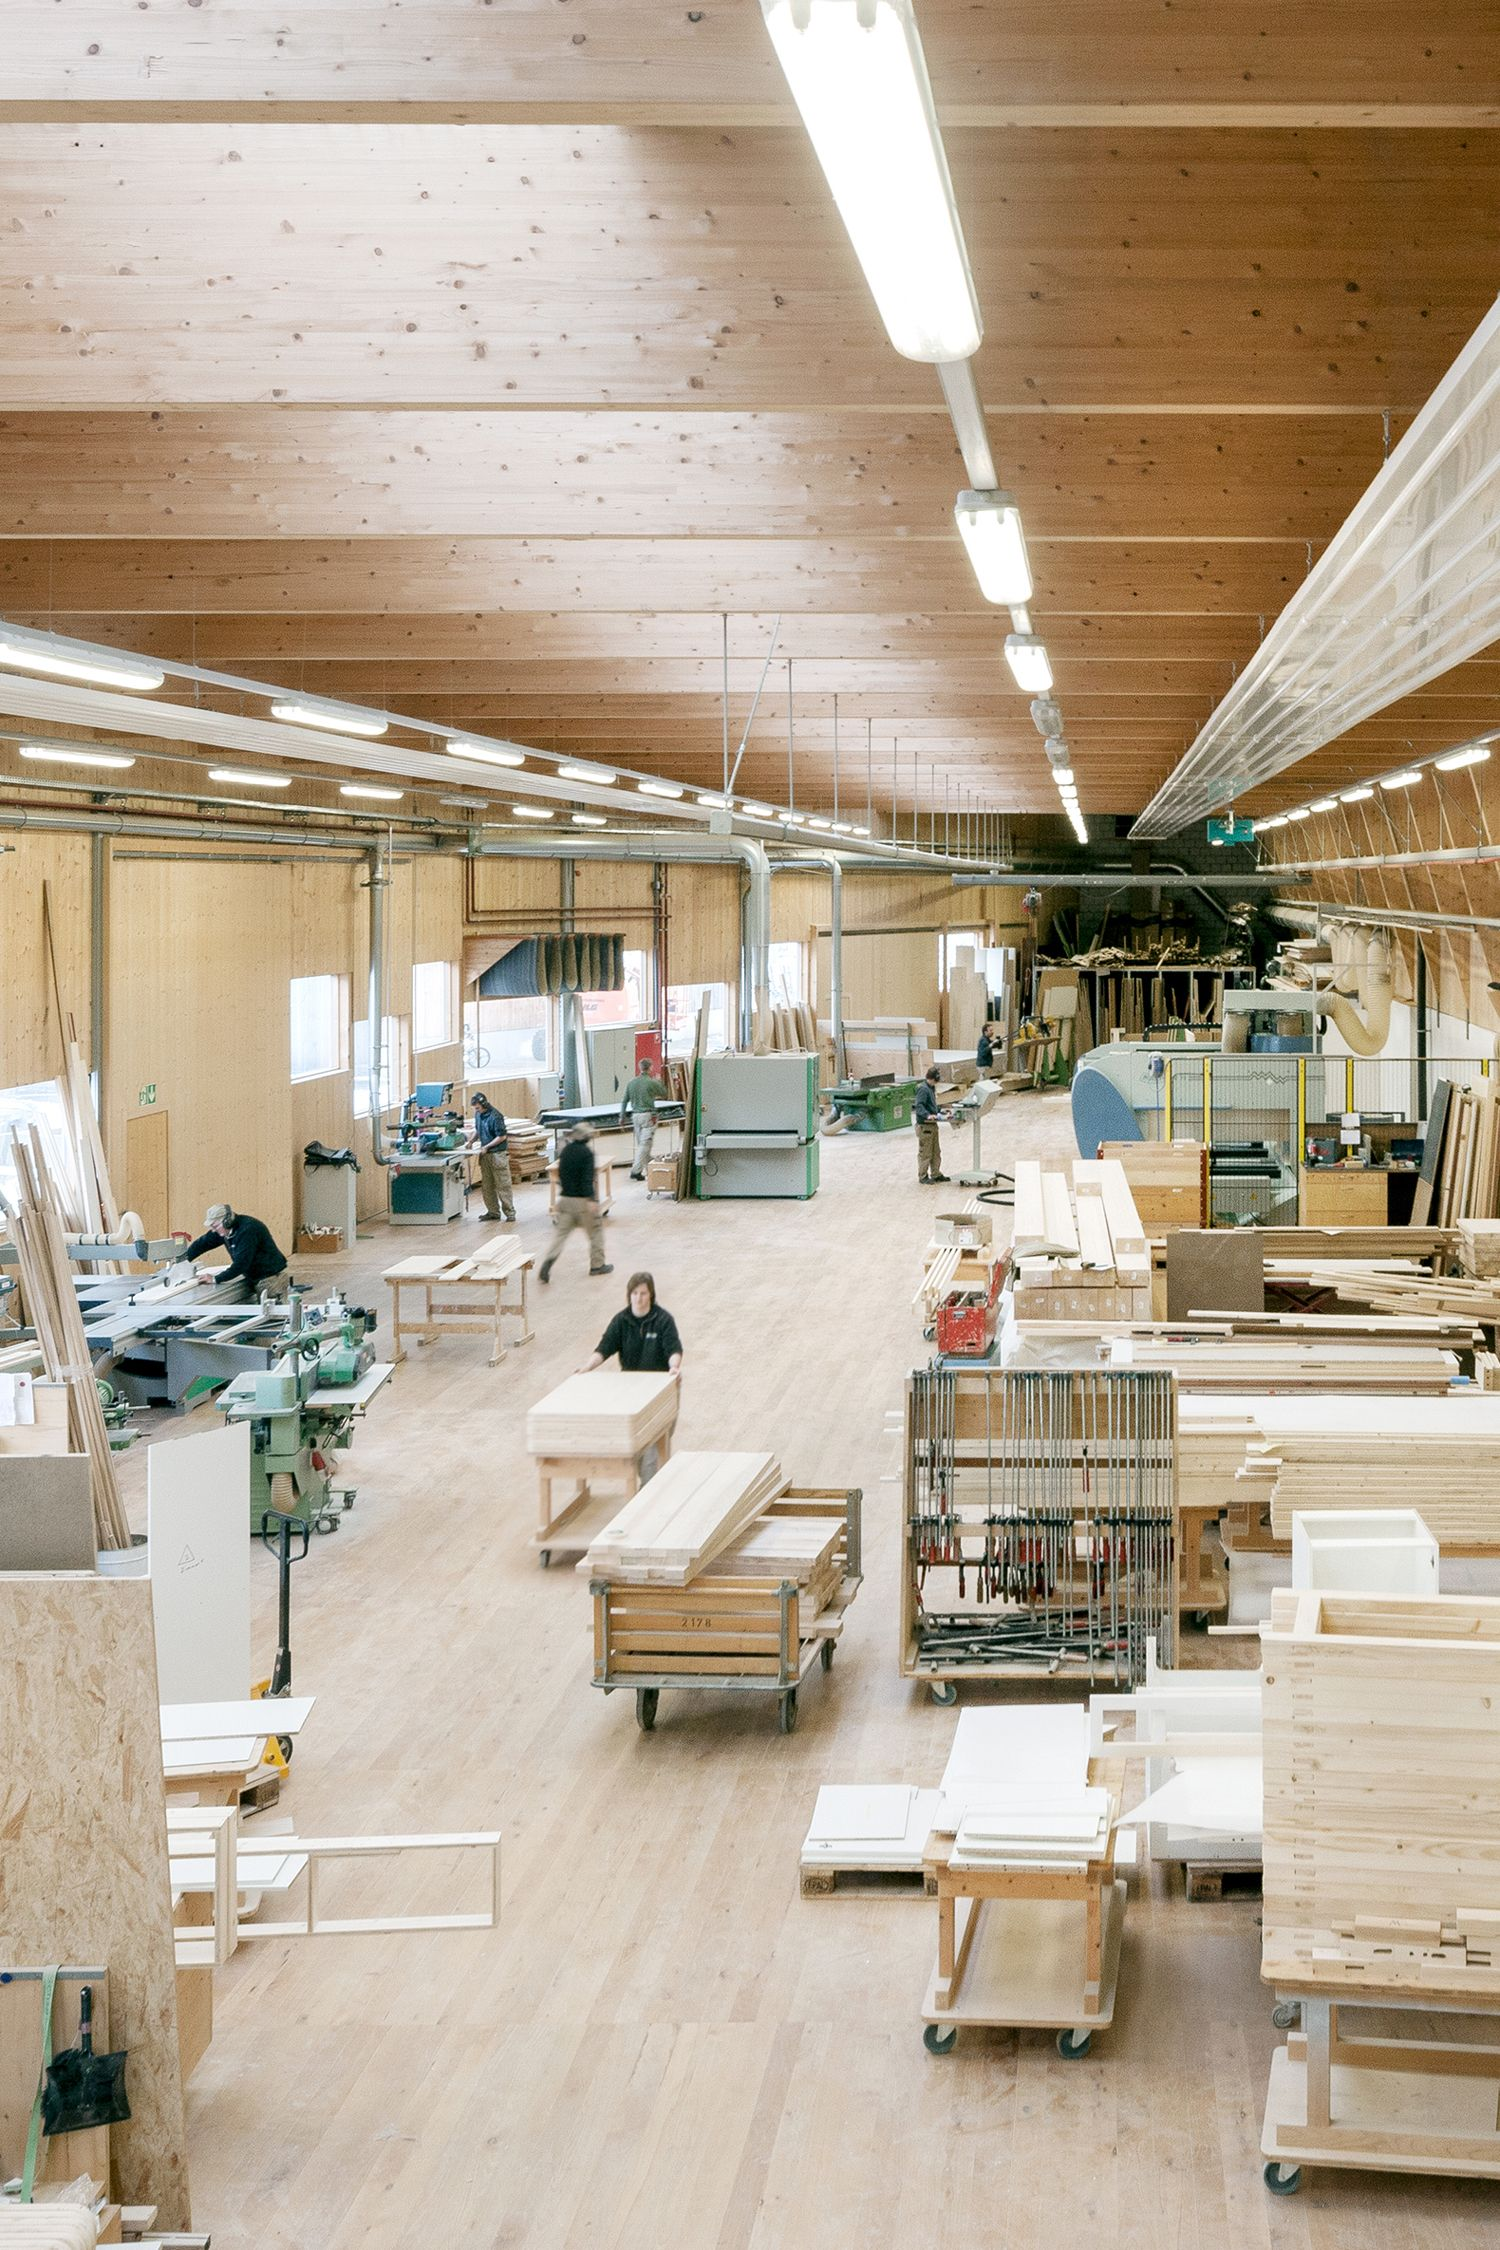 Holzbau Industrie Gewerbe Schaerholzbau Werkhalle Grossdietwil Holzbau Fabriken In Der Architektur Gewerbebau